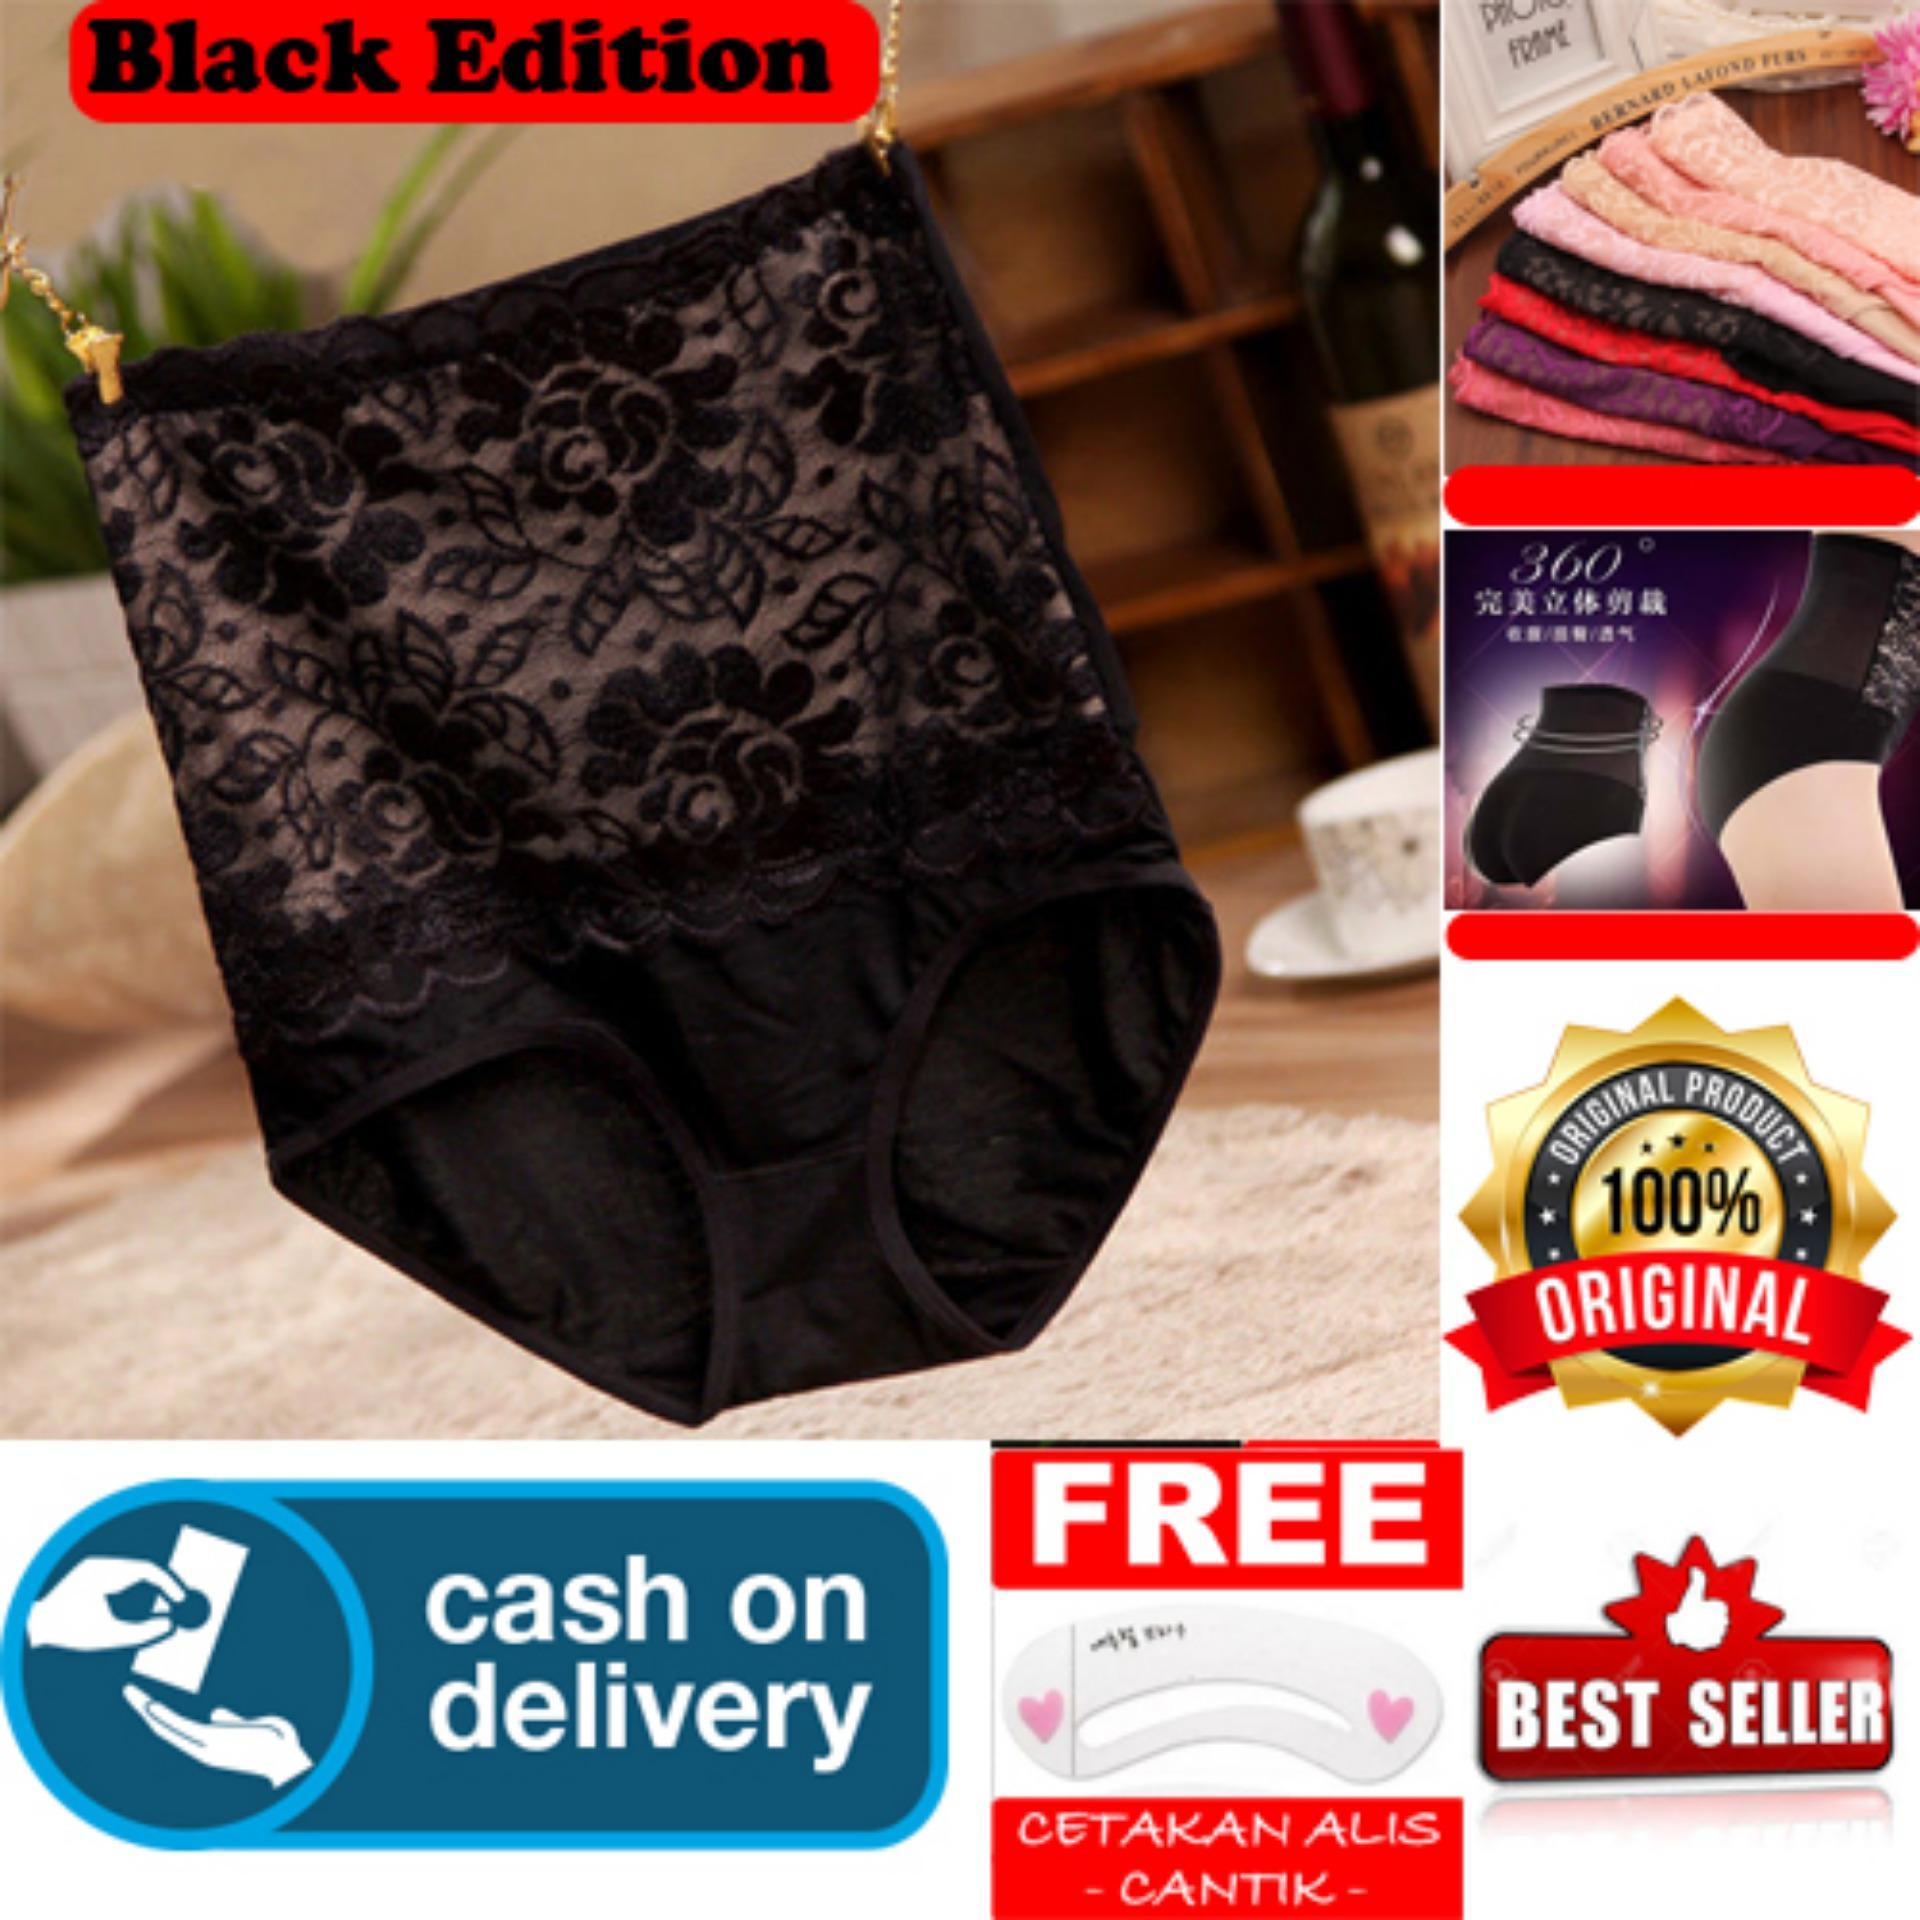 HOKI COD - Munafie SEXY LACE High Waist Panties Slim Pant Korset Original Import Pelangsing Celana Bahan Berkualitas - Hitam + Gratis Cetak Alis Cantik - Premium